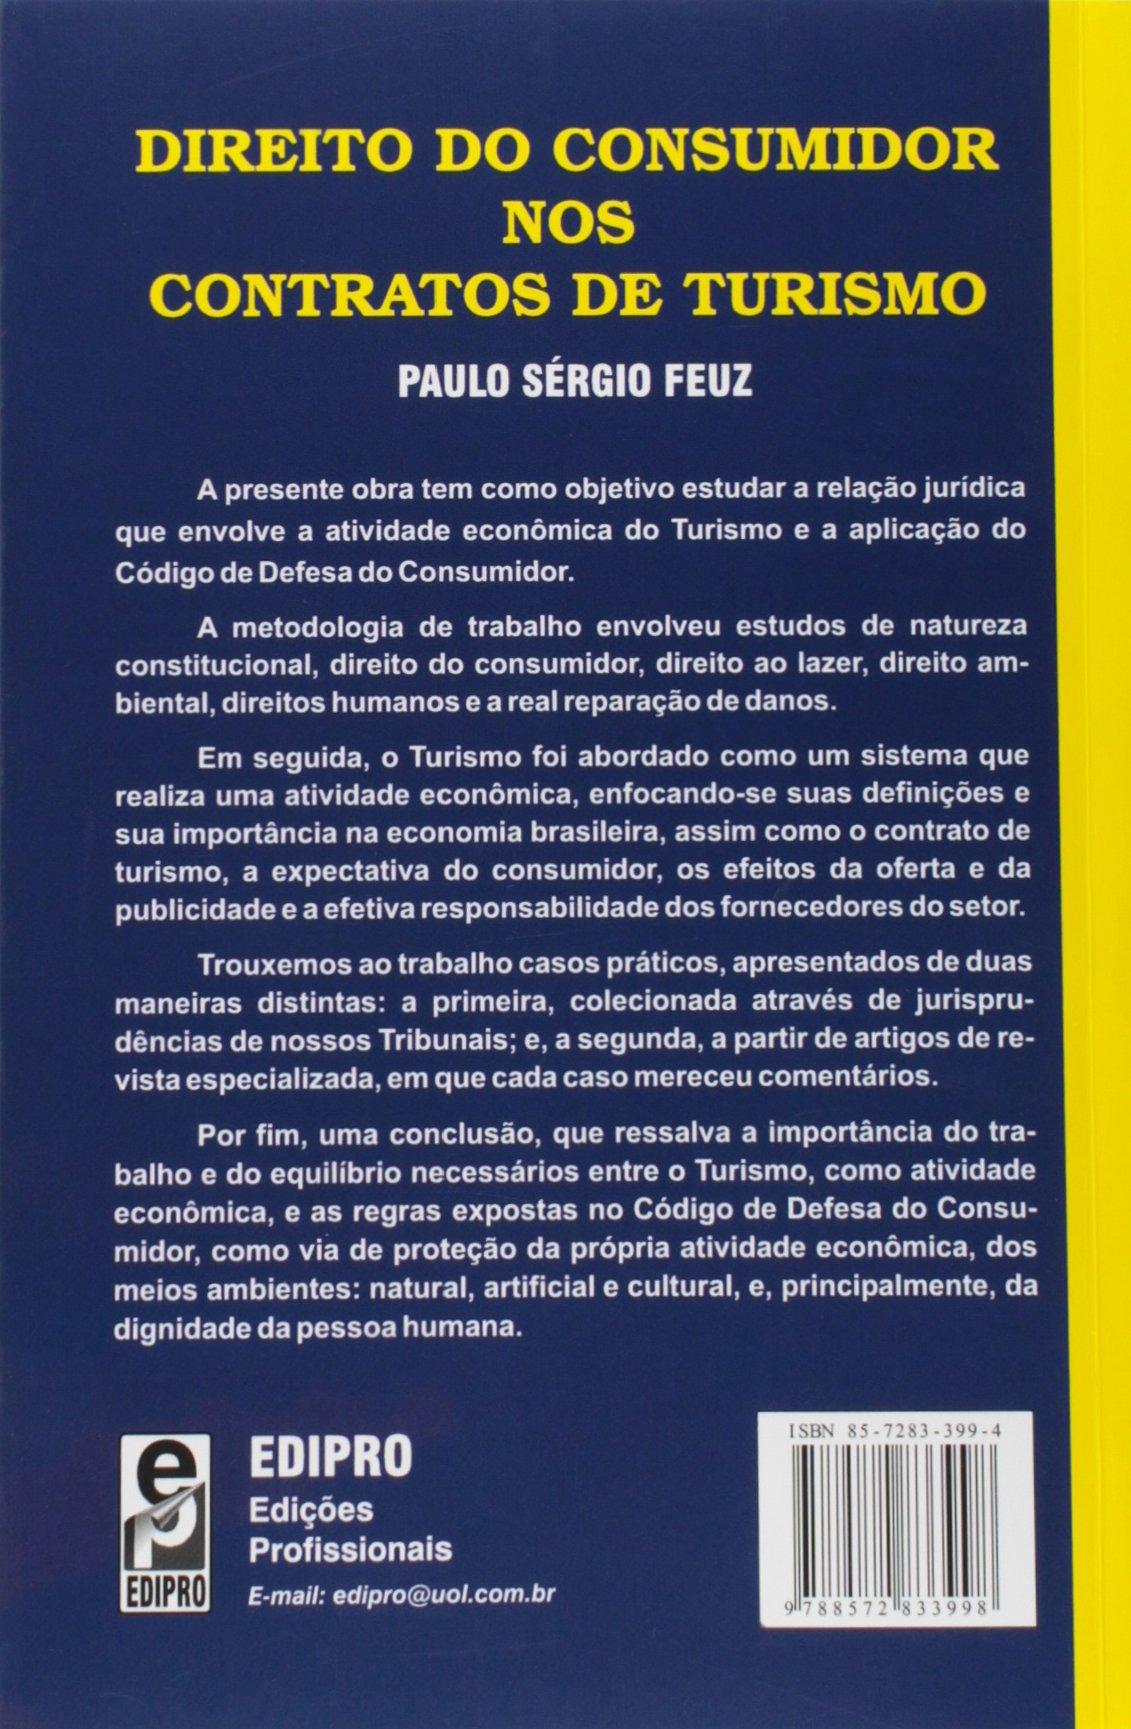 207bb25f79e8 Direito Do Consumidor Nos Contratos de Turismo: Codigo de Defesa Do  Consumidor Aplicado Ao Turismo: Paulo Sérgio Feuz: 9788572833998:  Amazon.com: Books